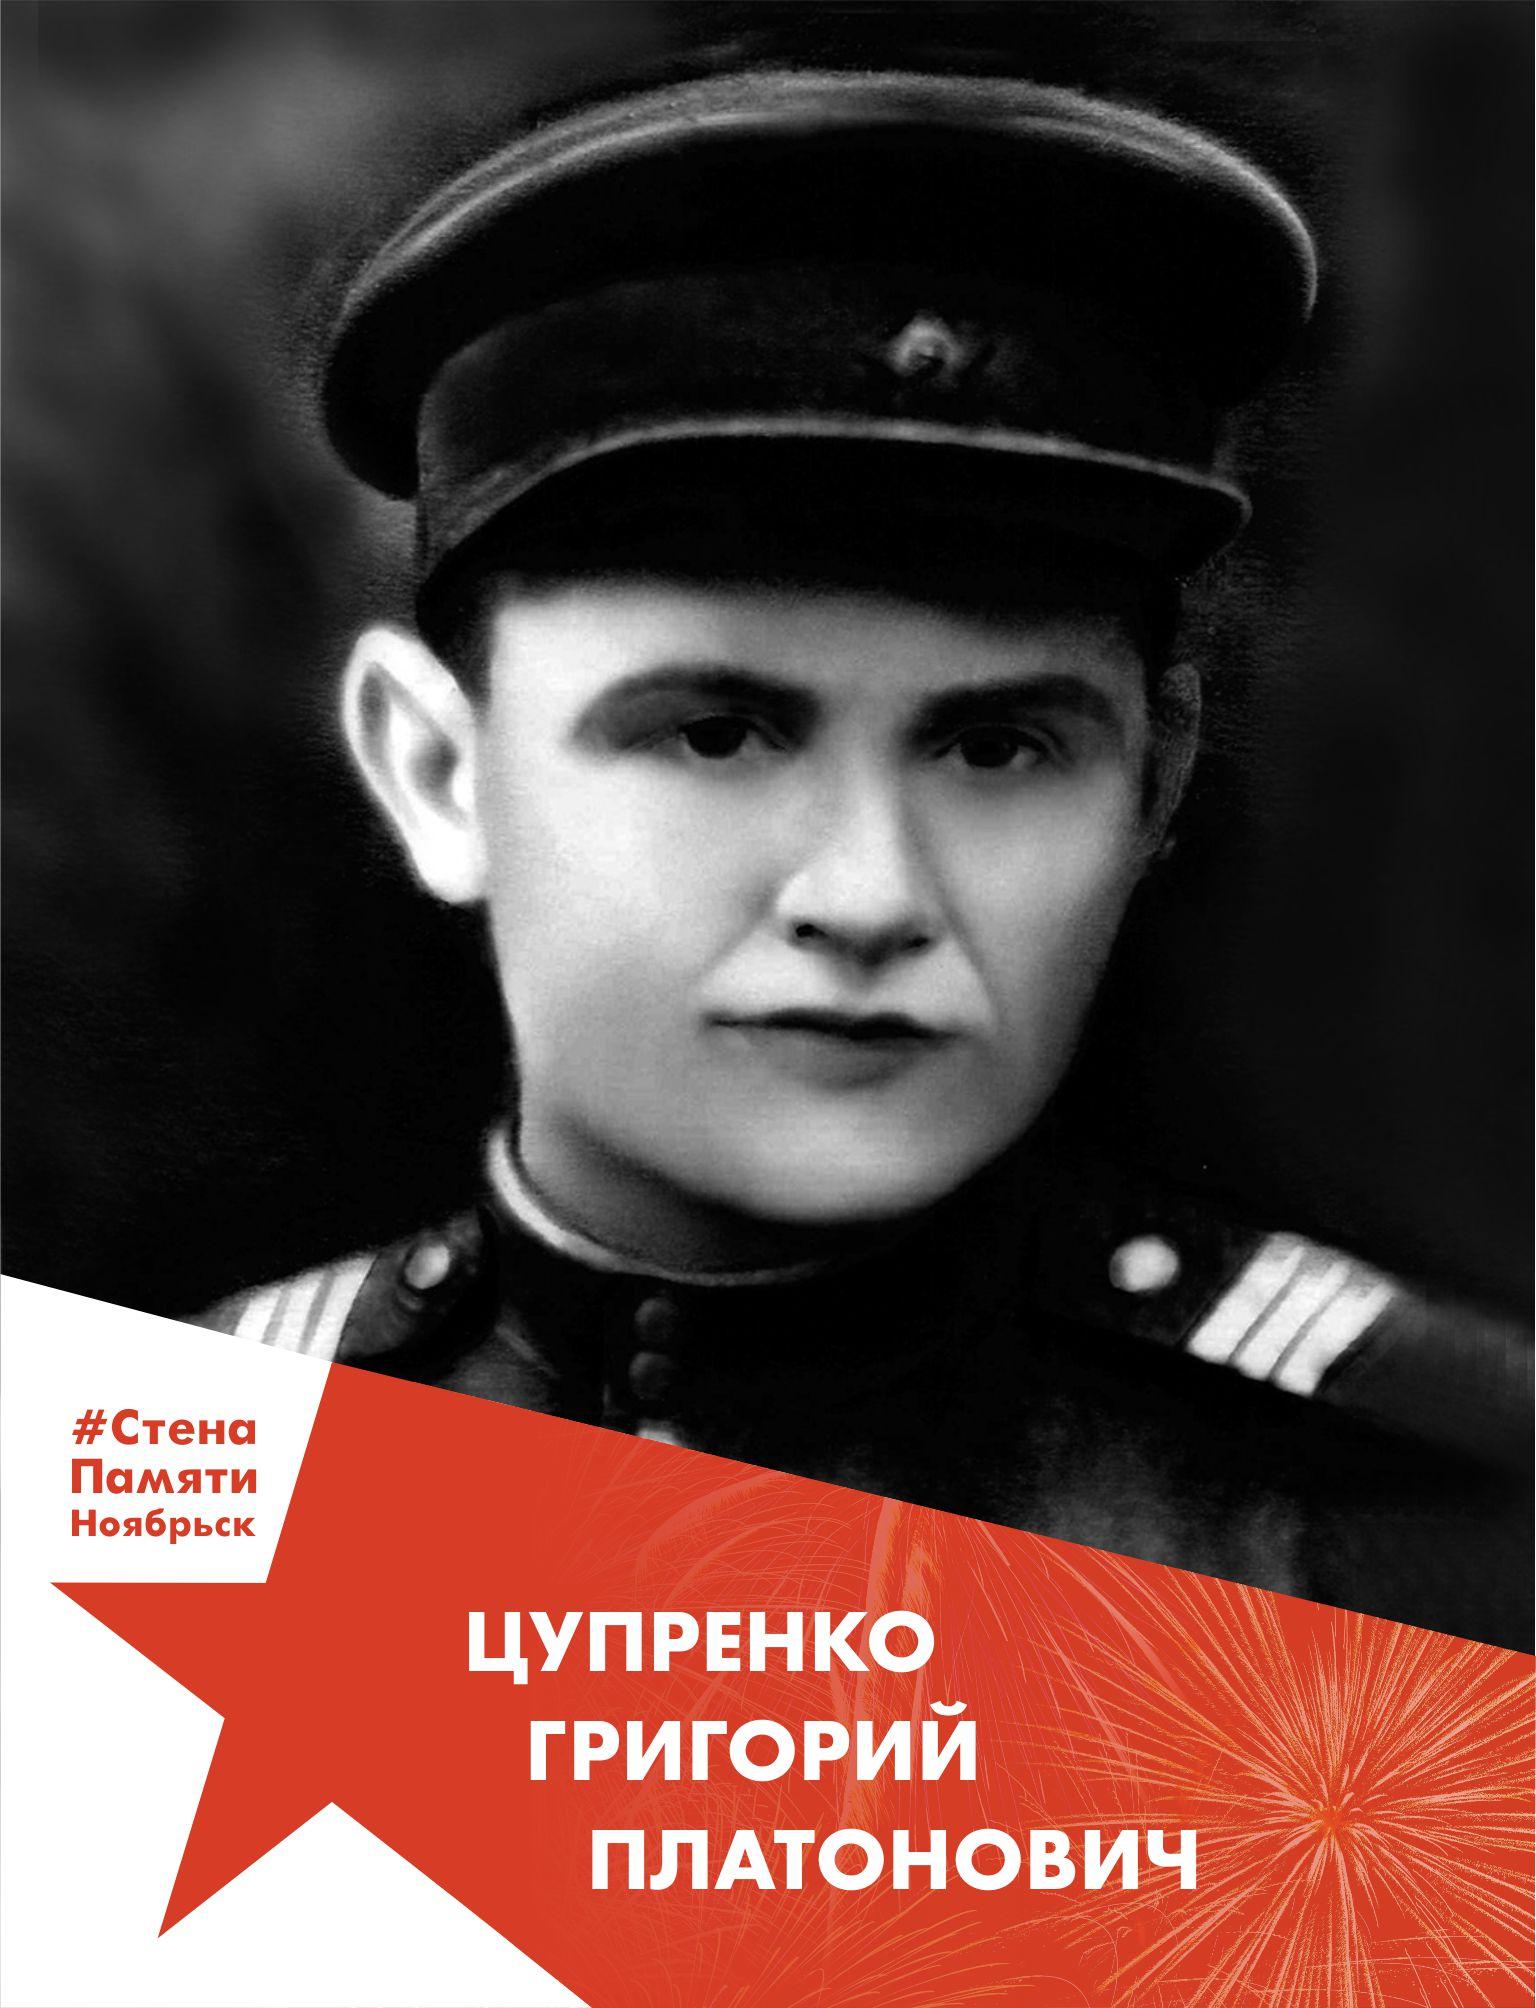 Цупренко Григорий Платонович